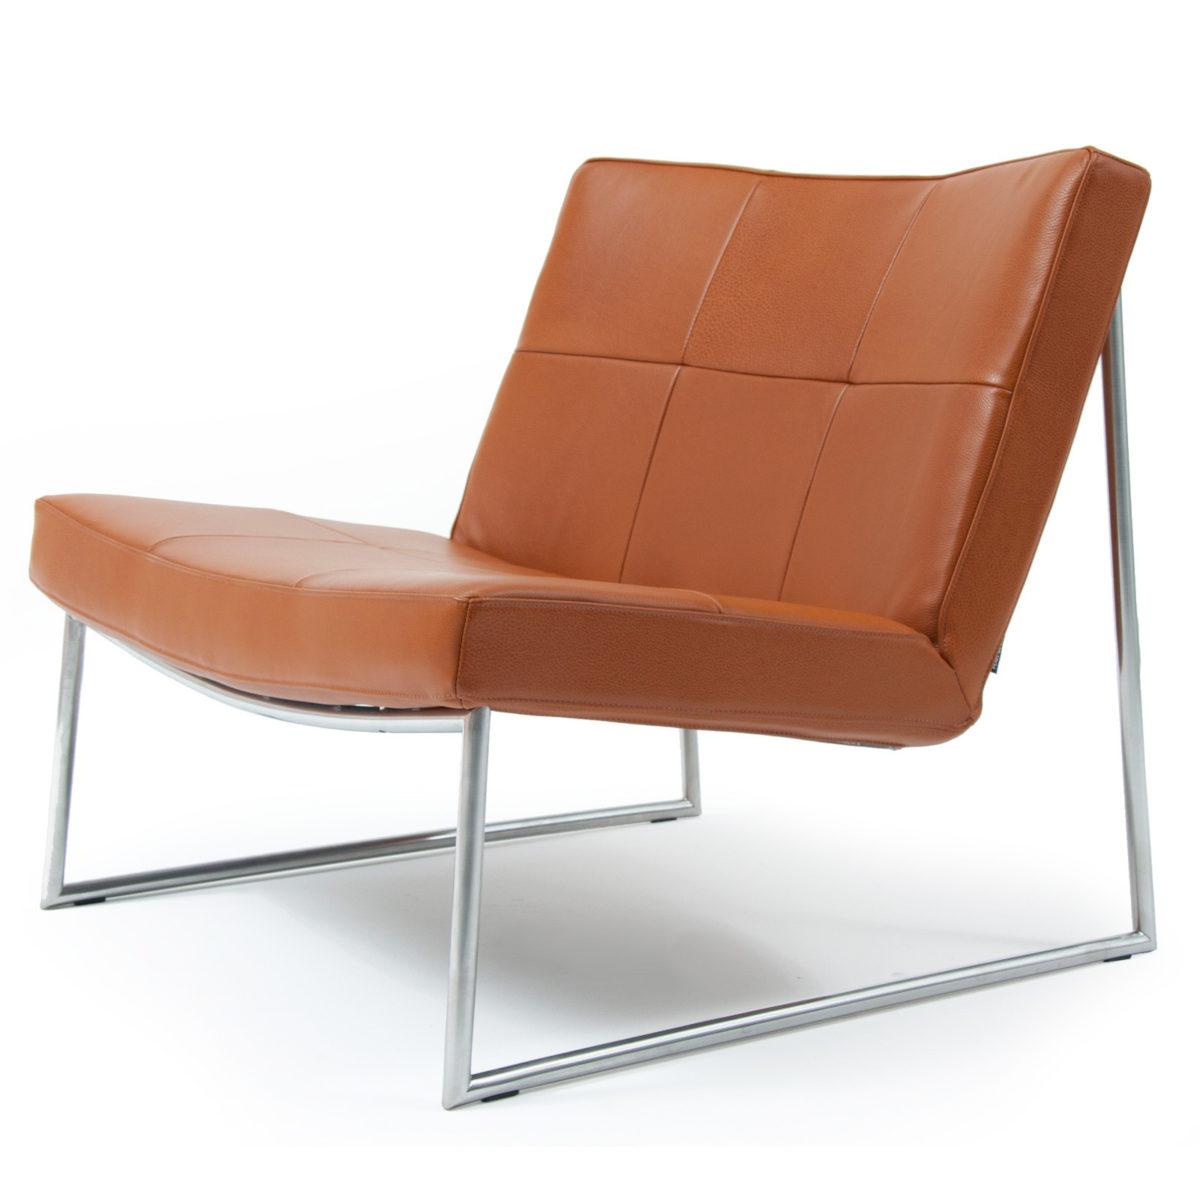 Harvink fauteuil hebbes 4 1